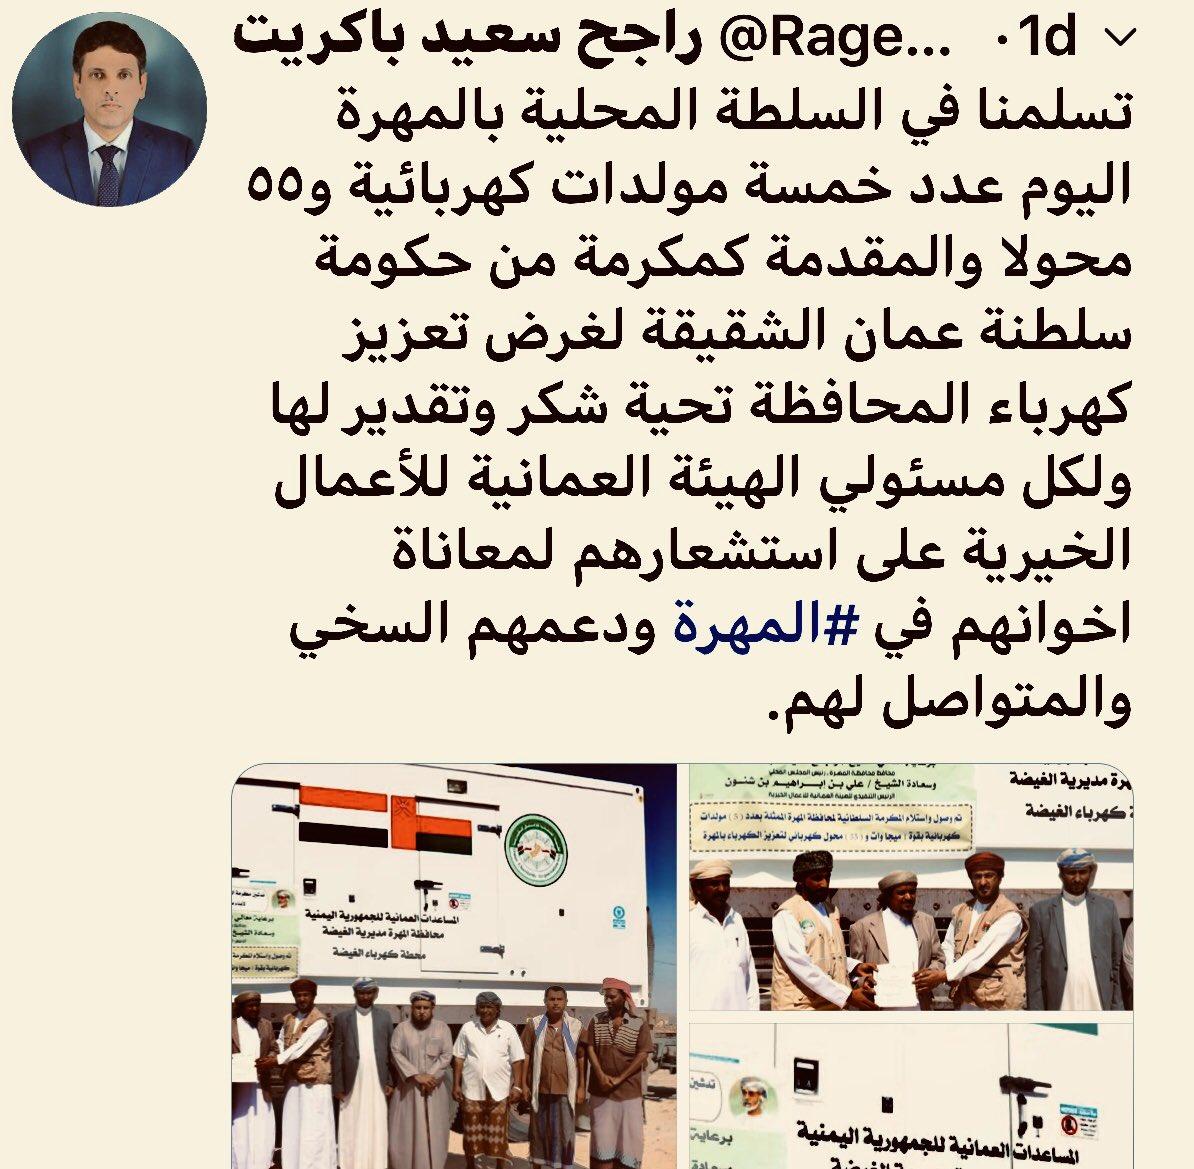 ام صالح فايزة المحروقية At Mas7810 Twitter